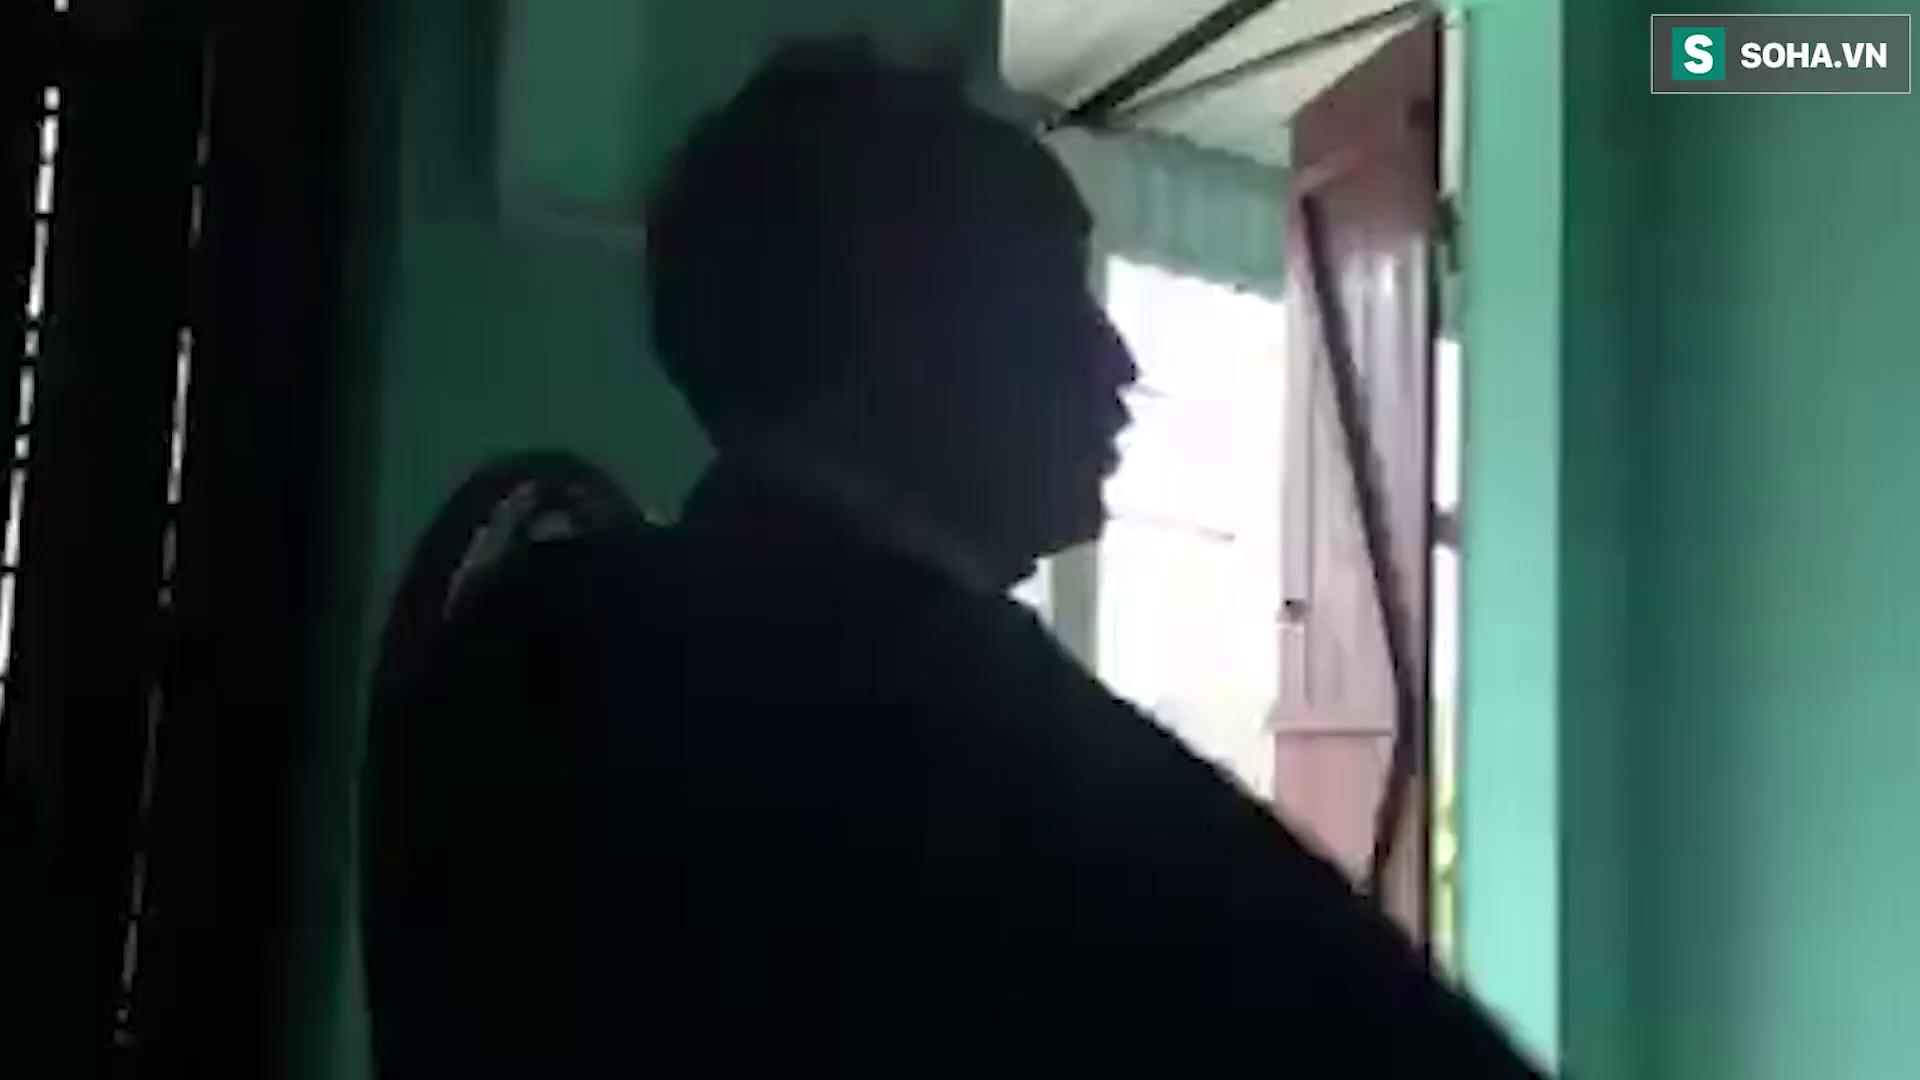 Lãnh đạo thôn Bình Thượng và người thân nhận xét về nữ giúp việc bạo hành bé gái hơn 1 tháng tuổi.